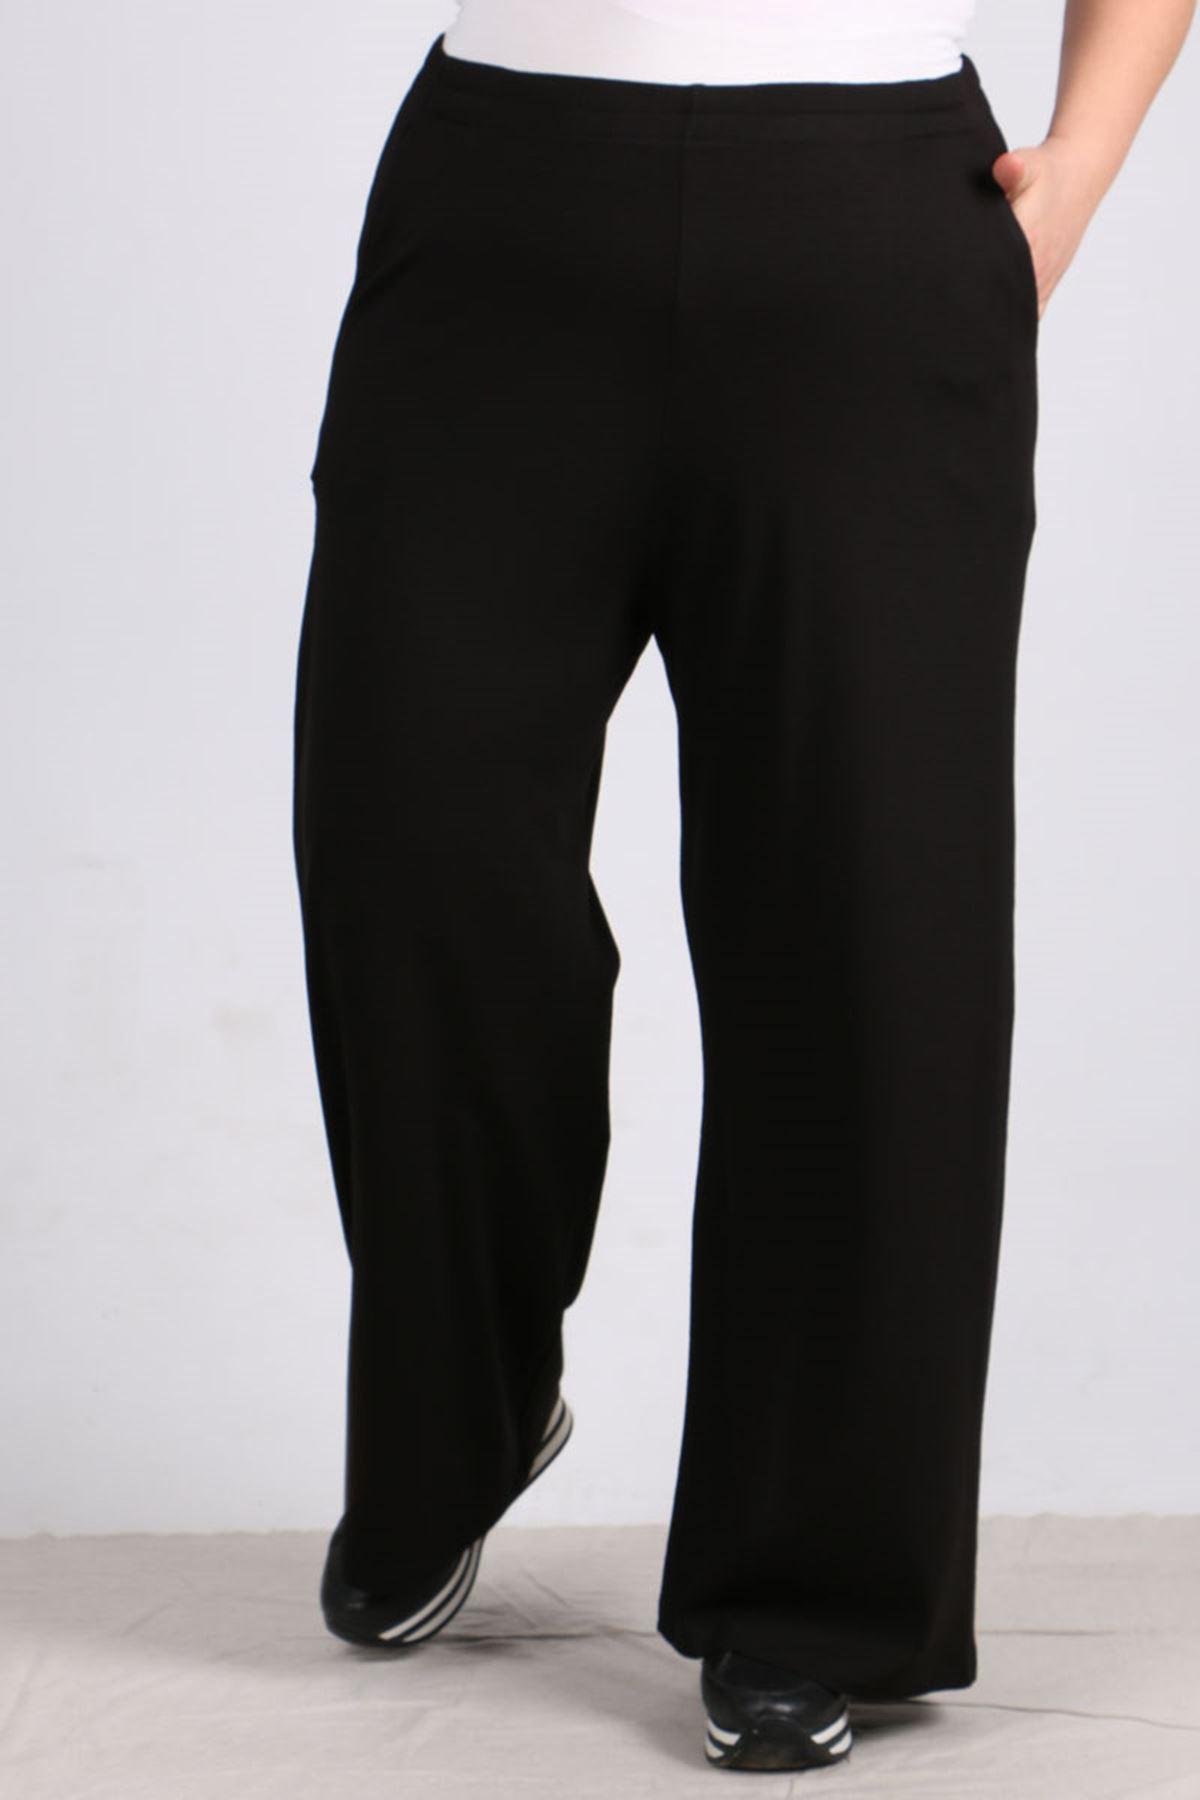 D-9012-3 Büyük Beden Defolu Beli Lastikli Penye Pantolon -Siyah